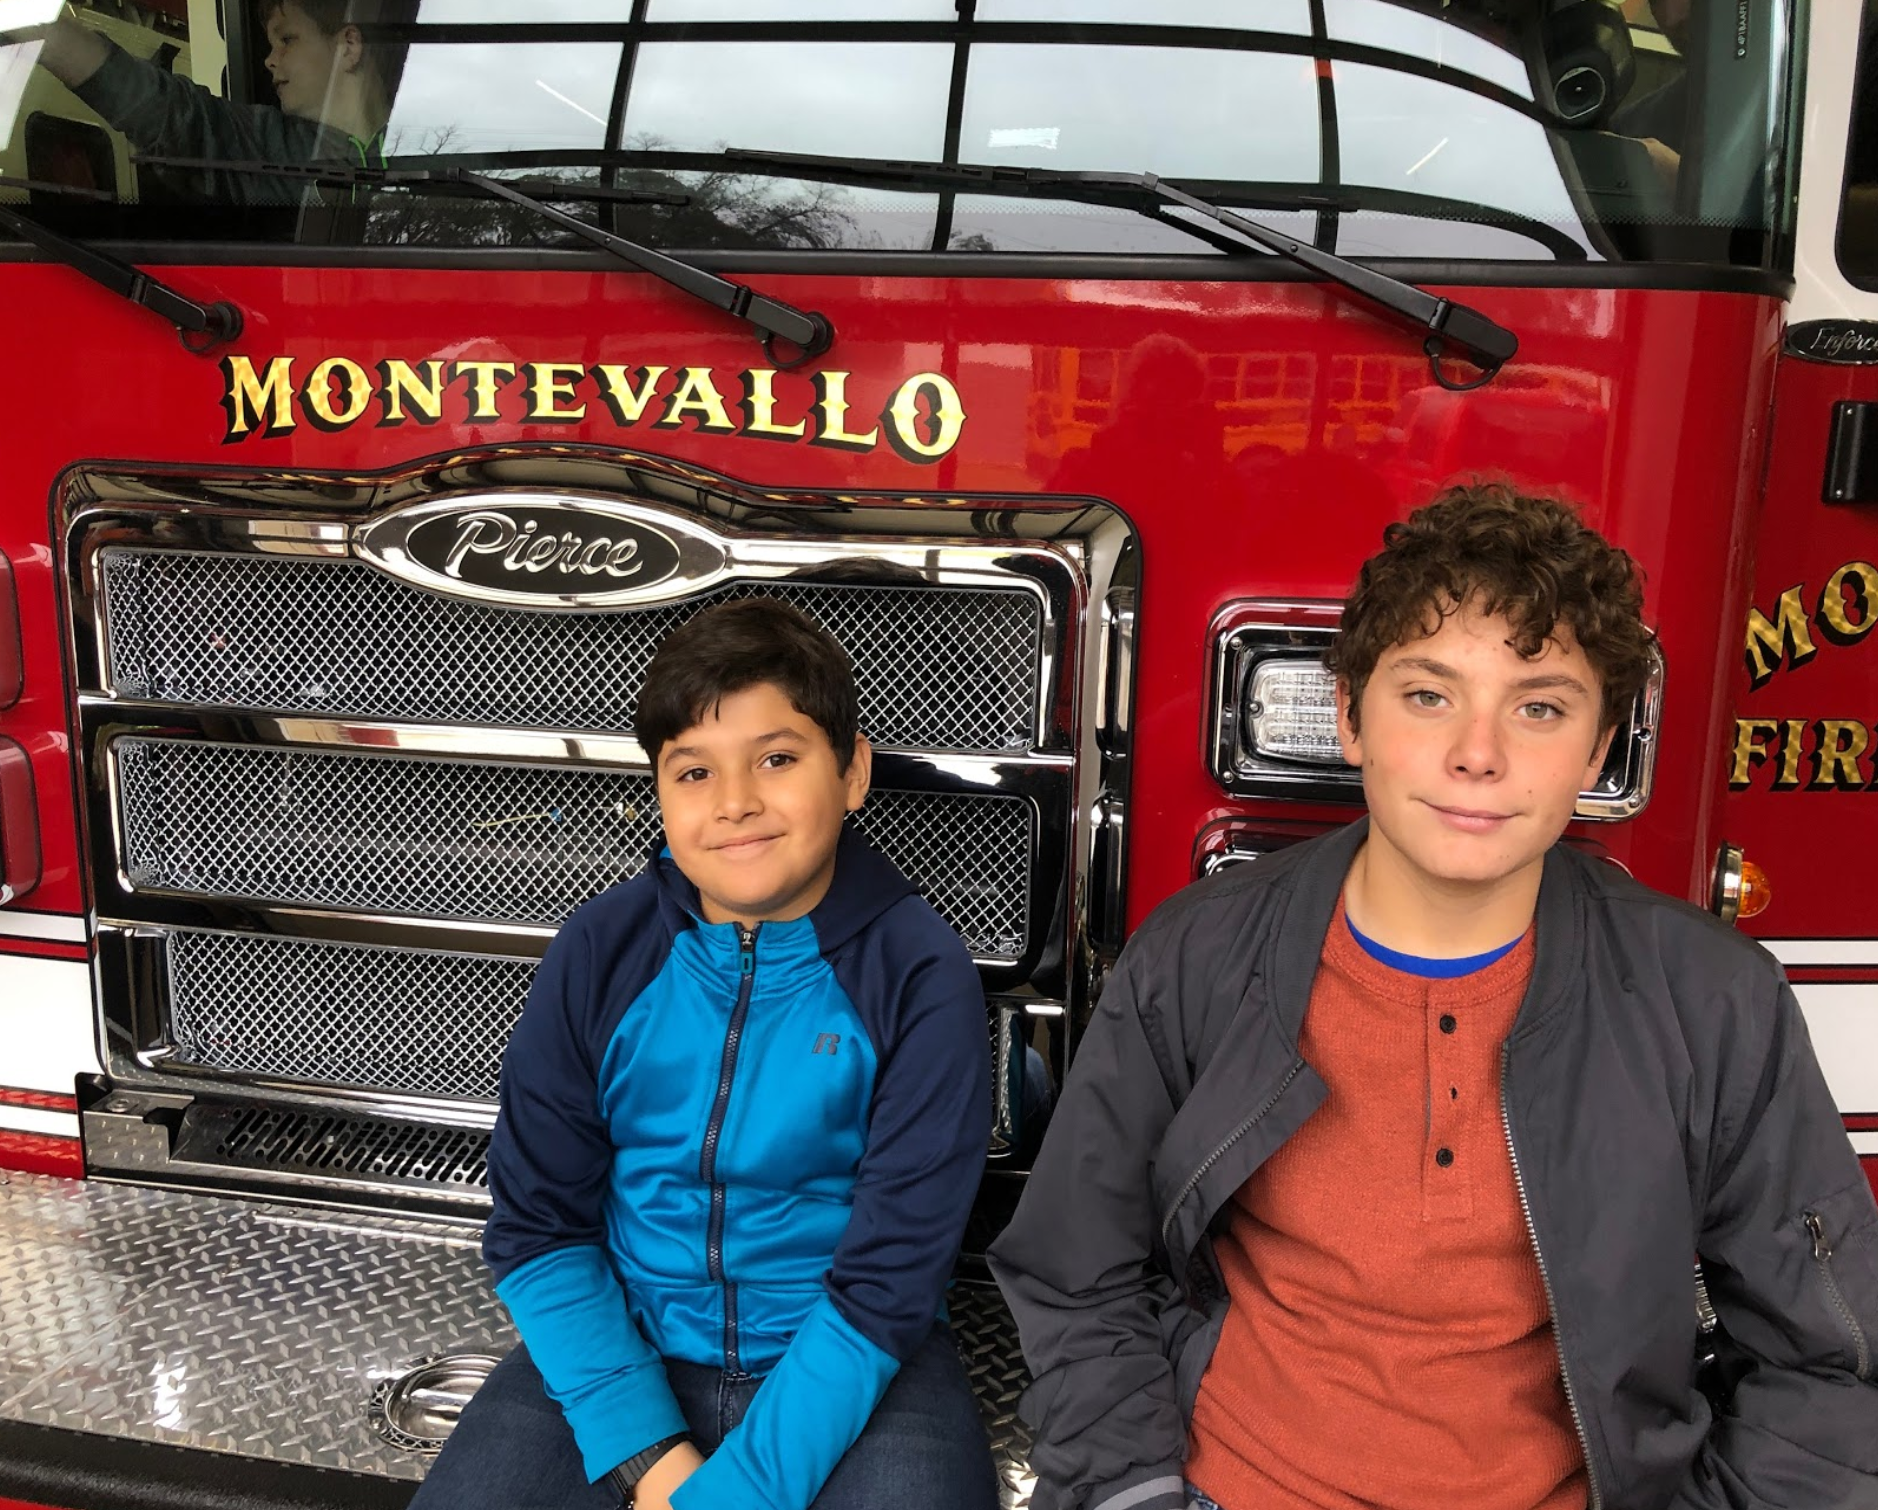 Children sitting next to fire engine.